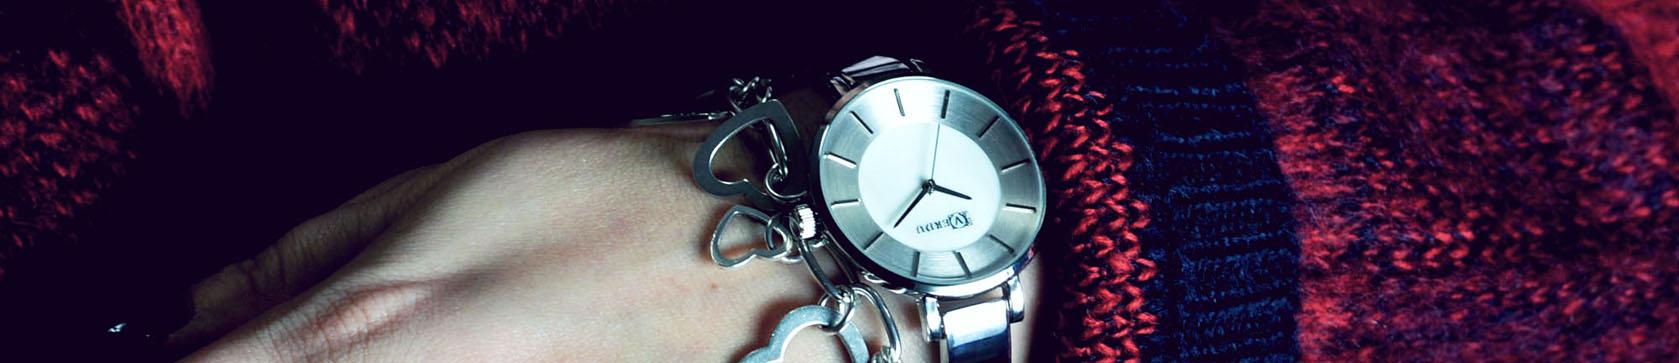 Dlaczego warto wybrać zegarki marki Ruben Verdu?